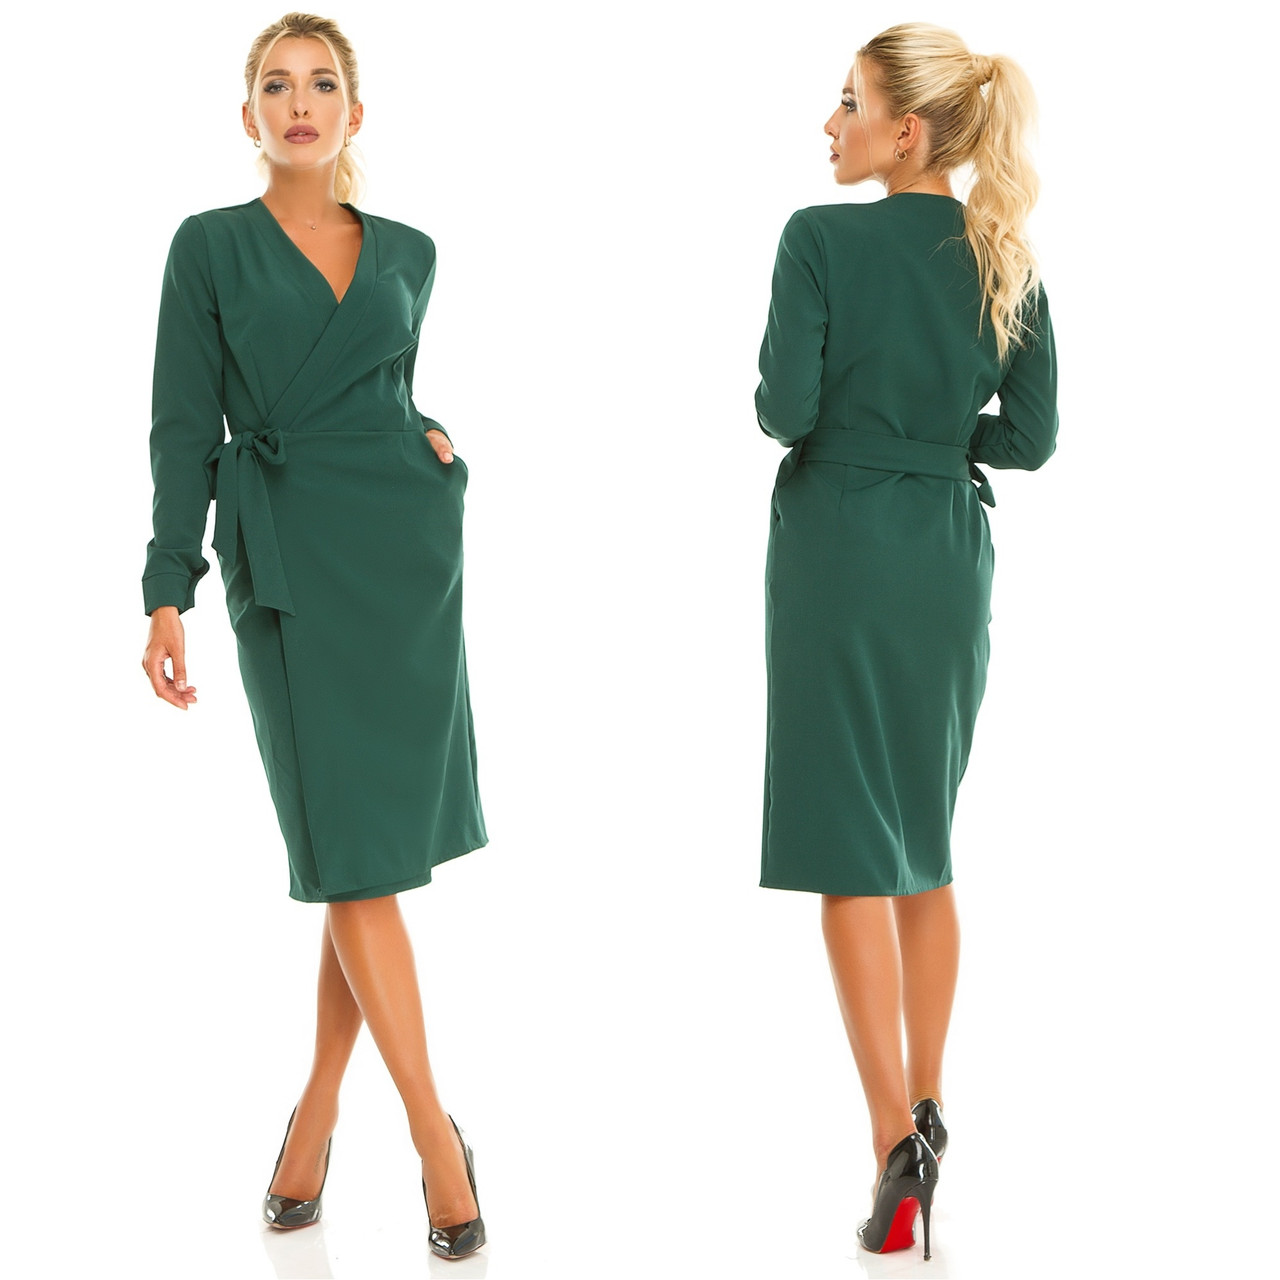 Женское платье на запах.Размеры:44-50.+Цвета